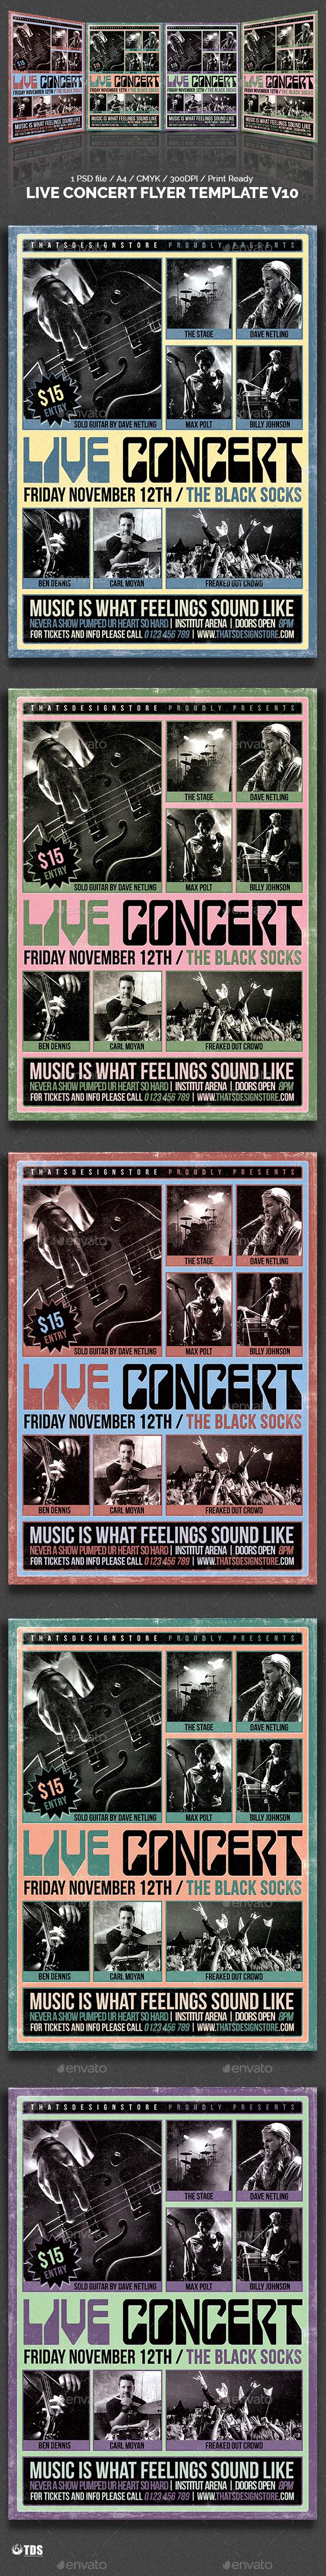 Live Concert Flyer Template V10 - Concerts Events